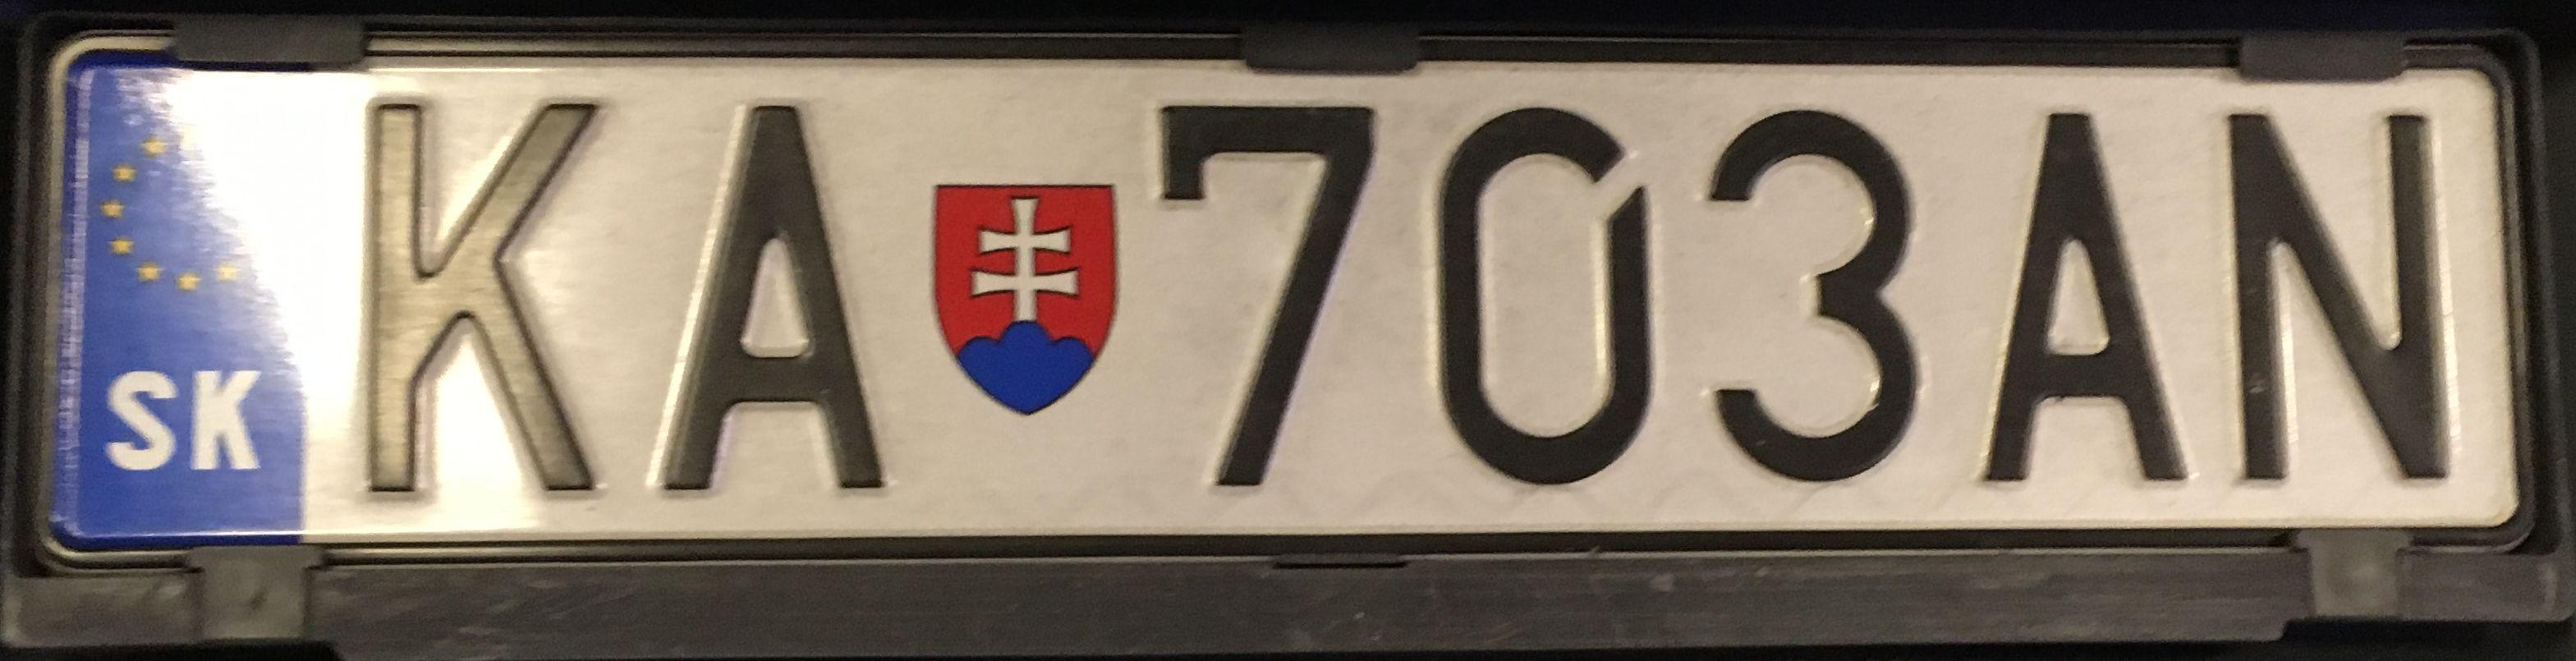 Registrační značka Slovensko - KA - Krupina, foto:www.podalnici.cz